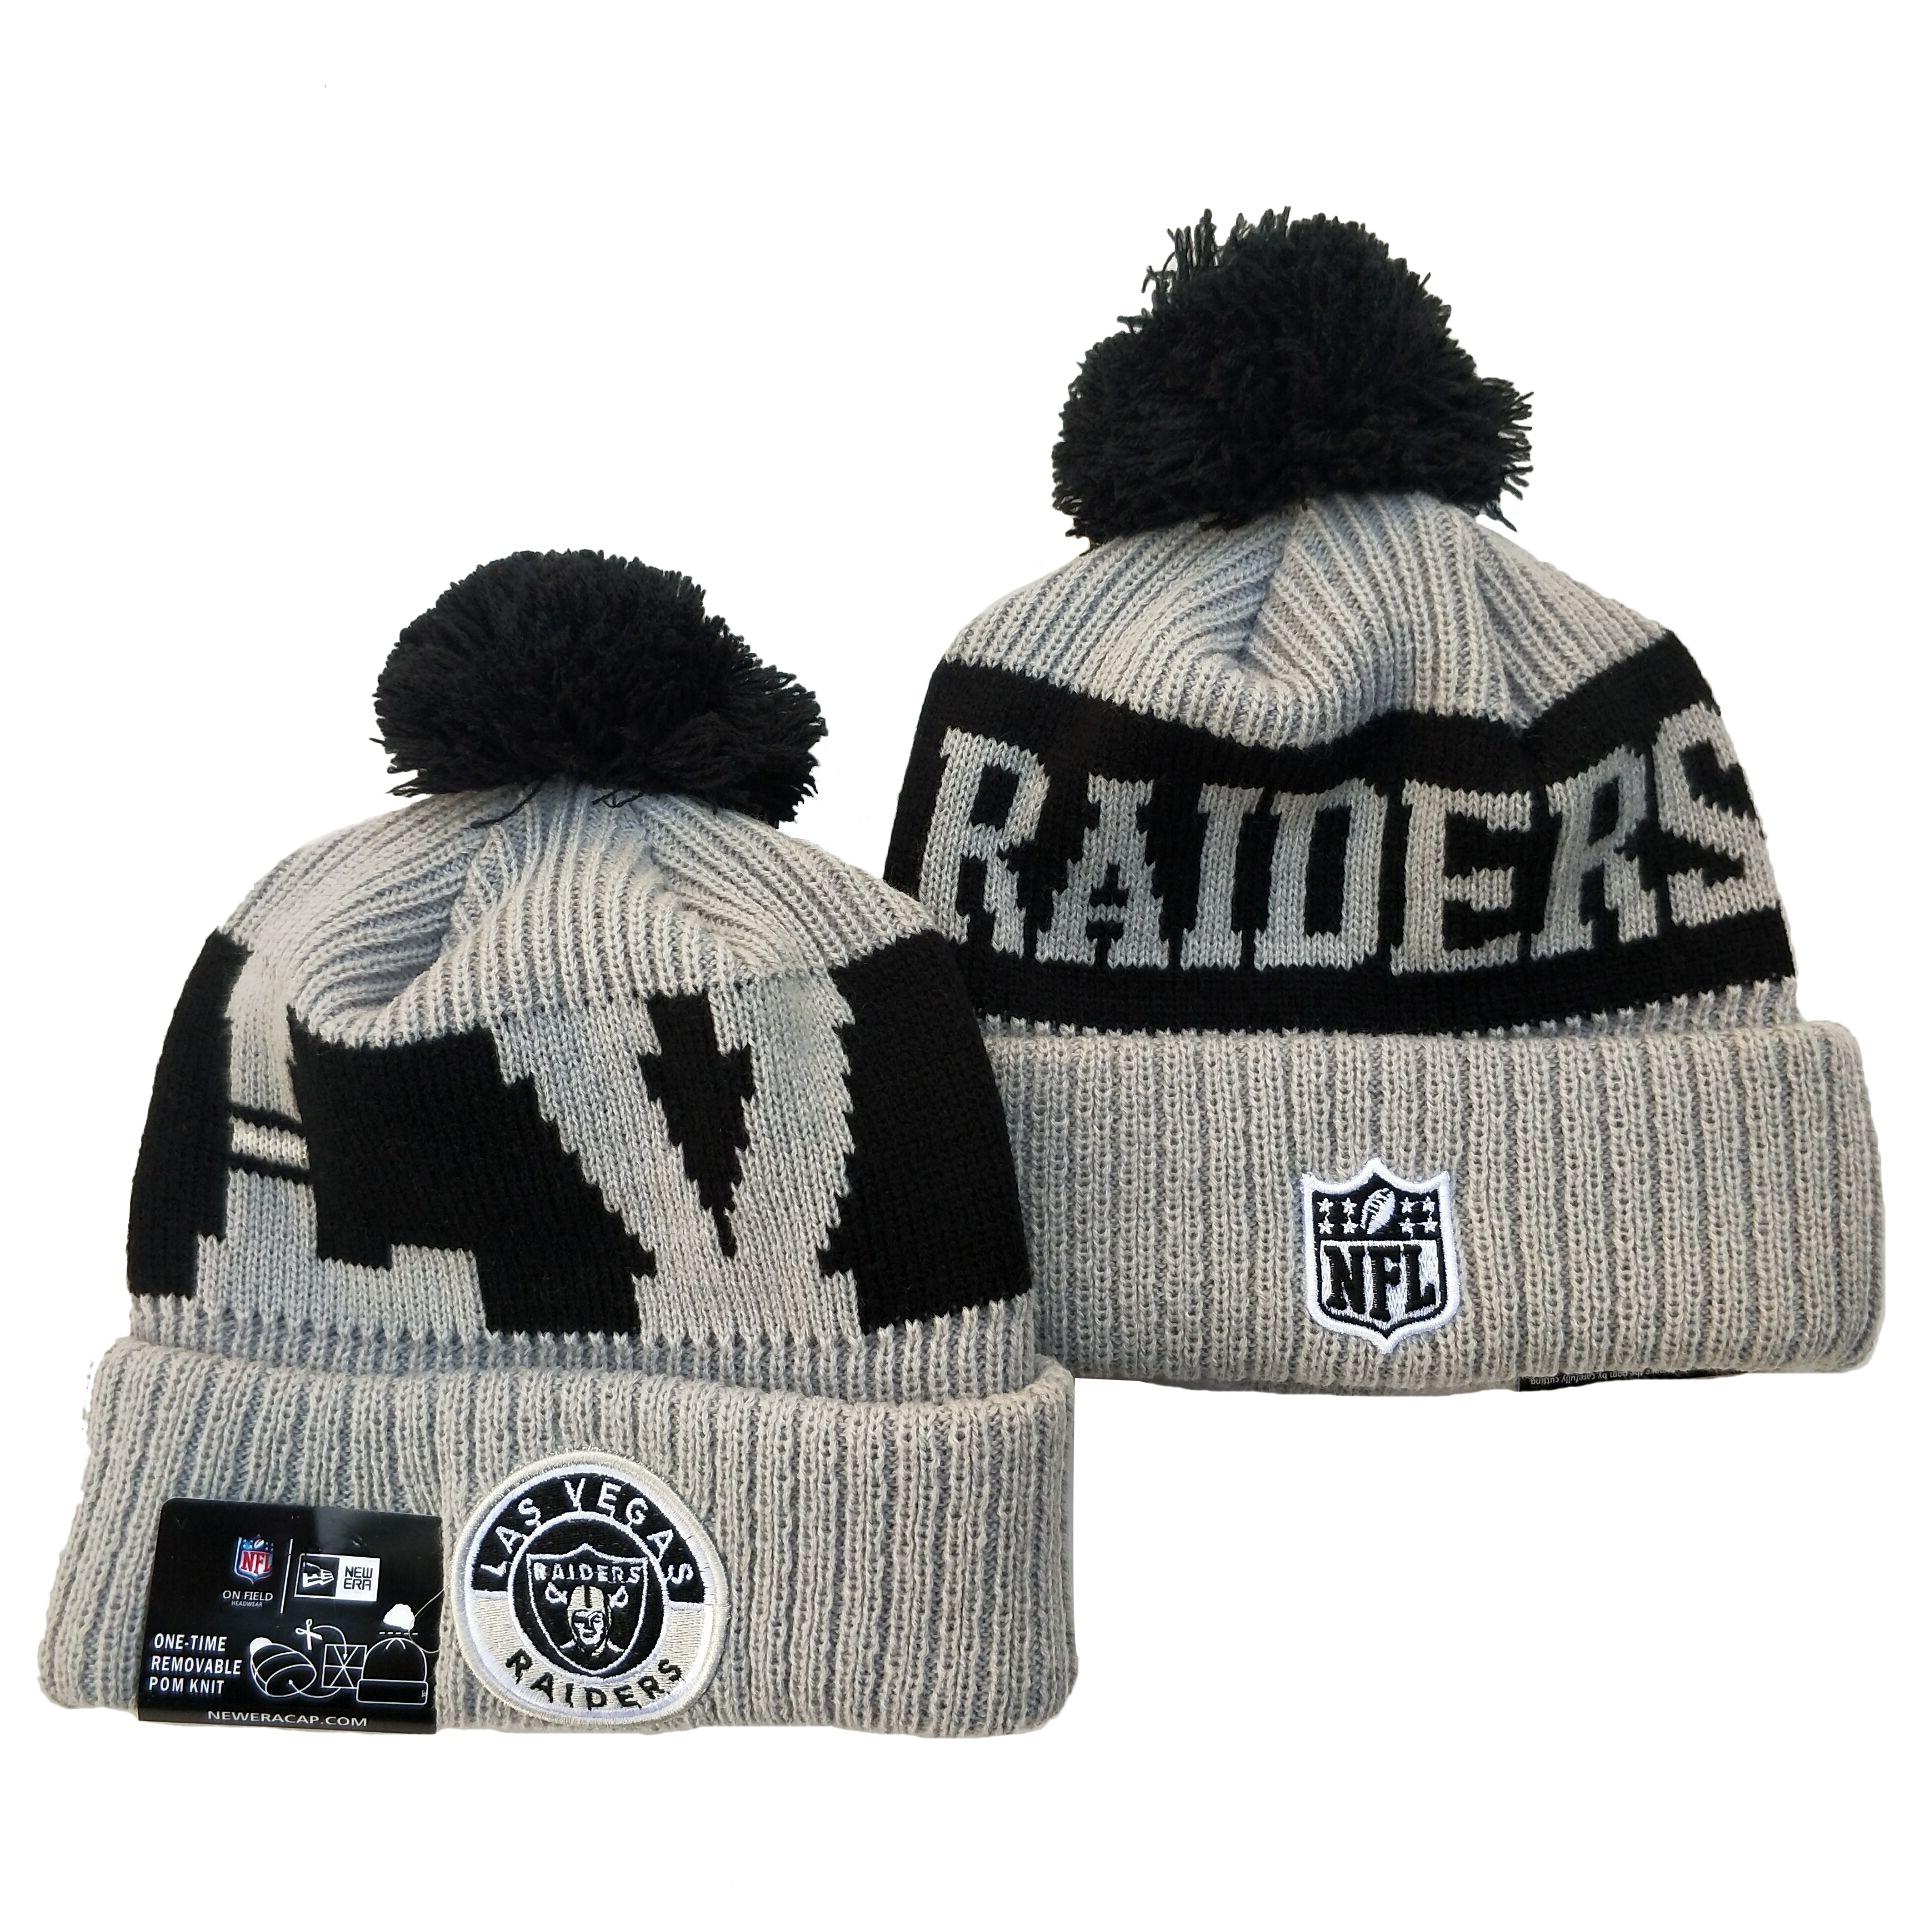 Raiders Team Logo Gray 2020 NFL Sideline Pom Cuffed Knit Hat YD